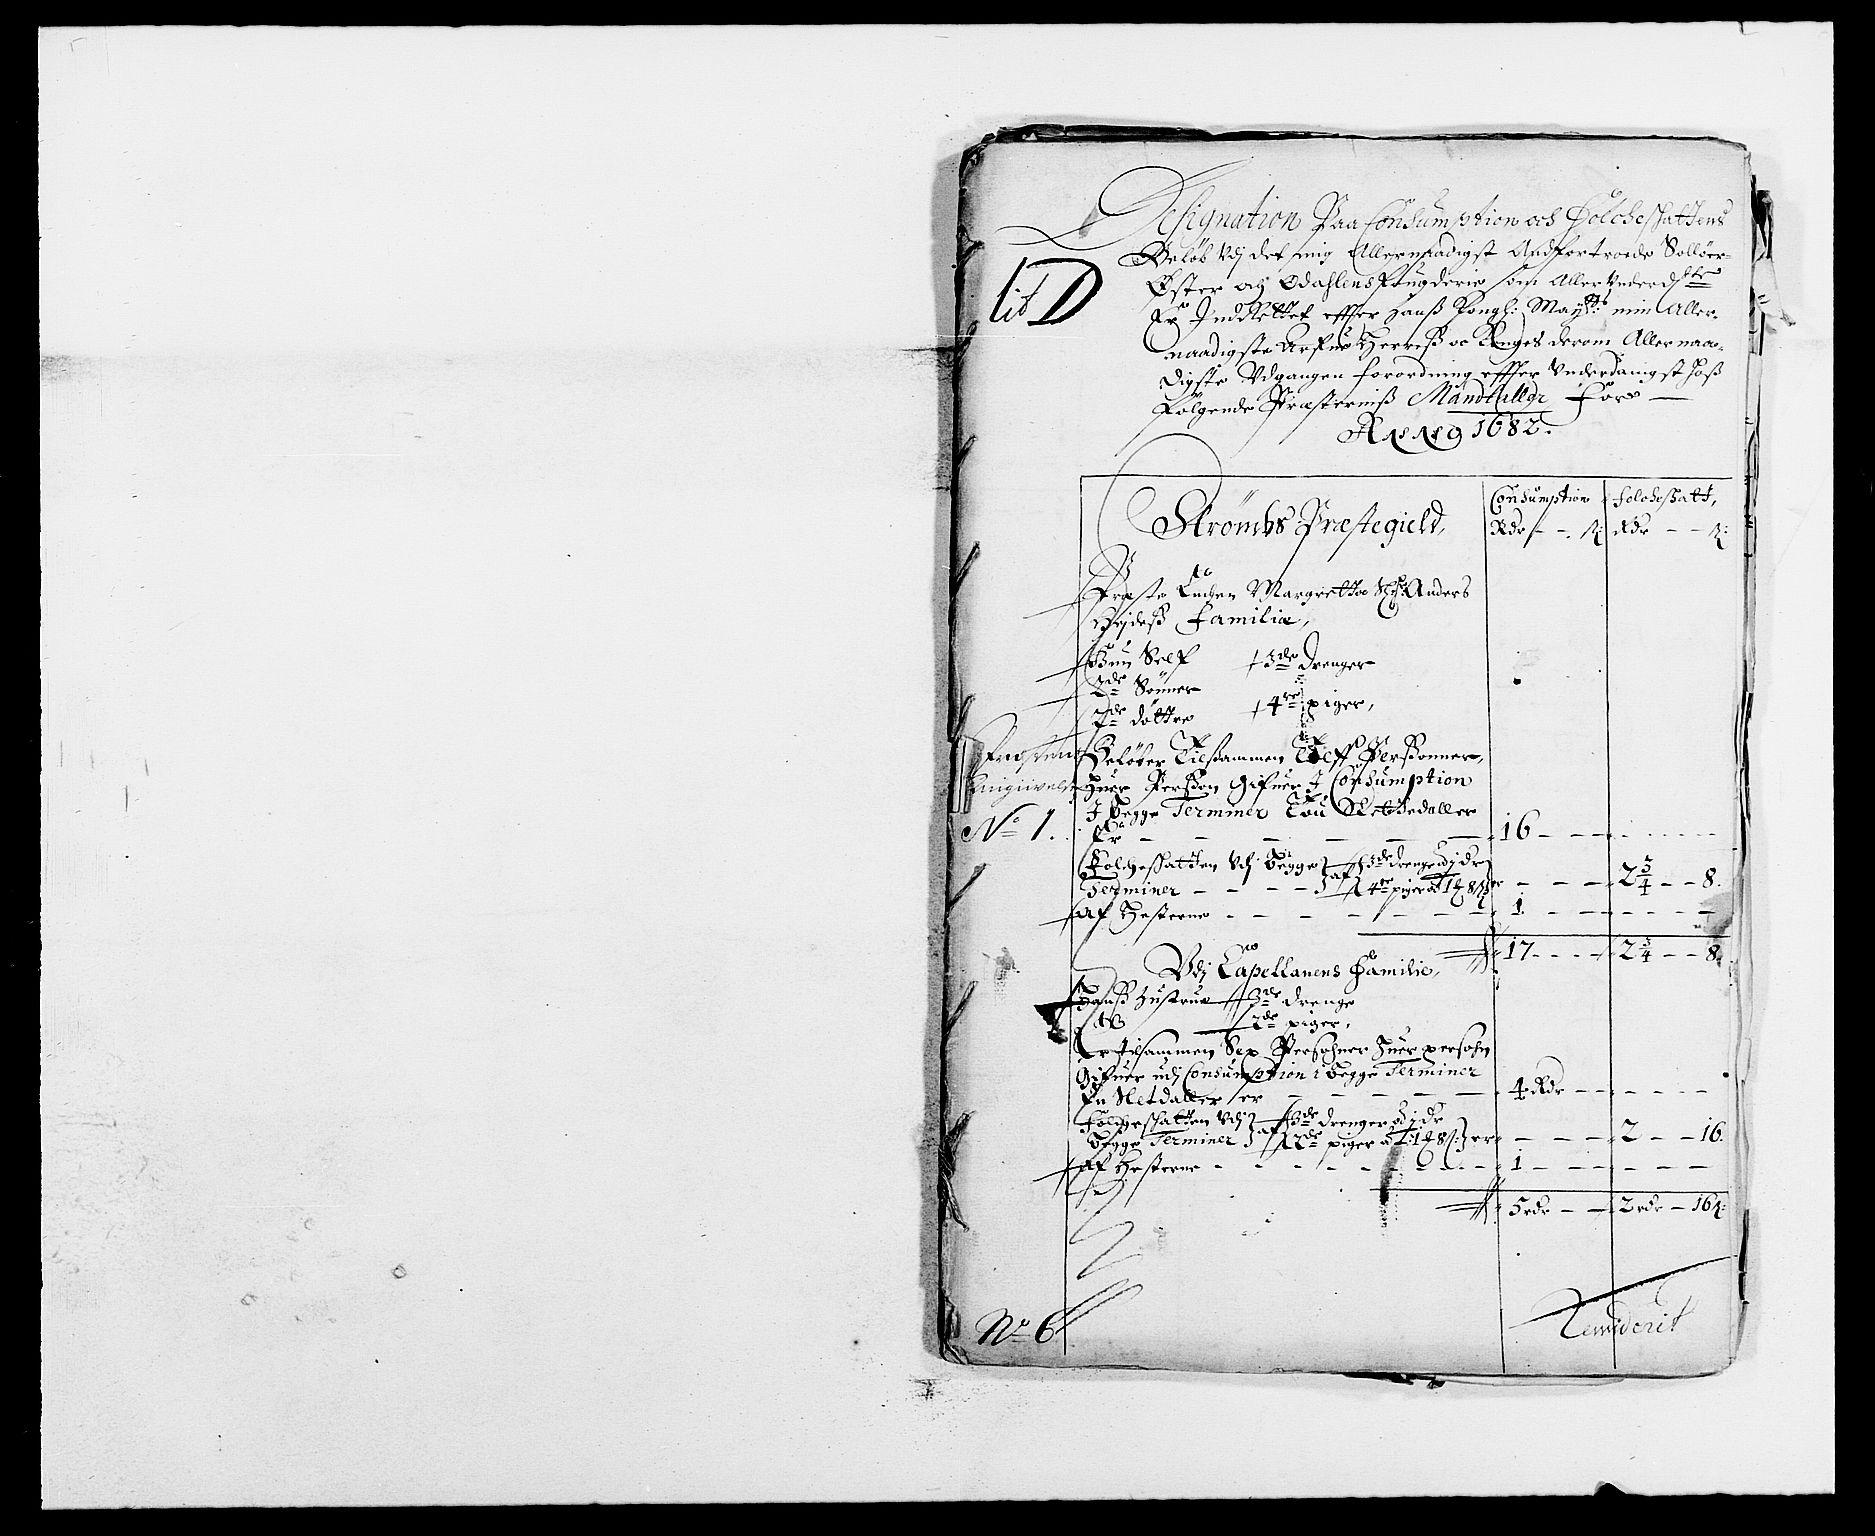 RA, Rentekammeret inntil 1814, Reviderte regnskaper, Fogderegnskap, R13/L0819: Fogderegnskap Solør, Odal og Østerdal, 1682, s. 191